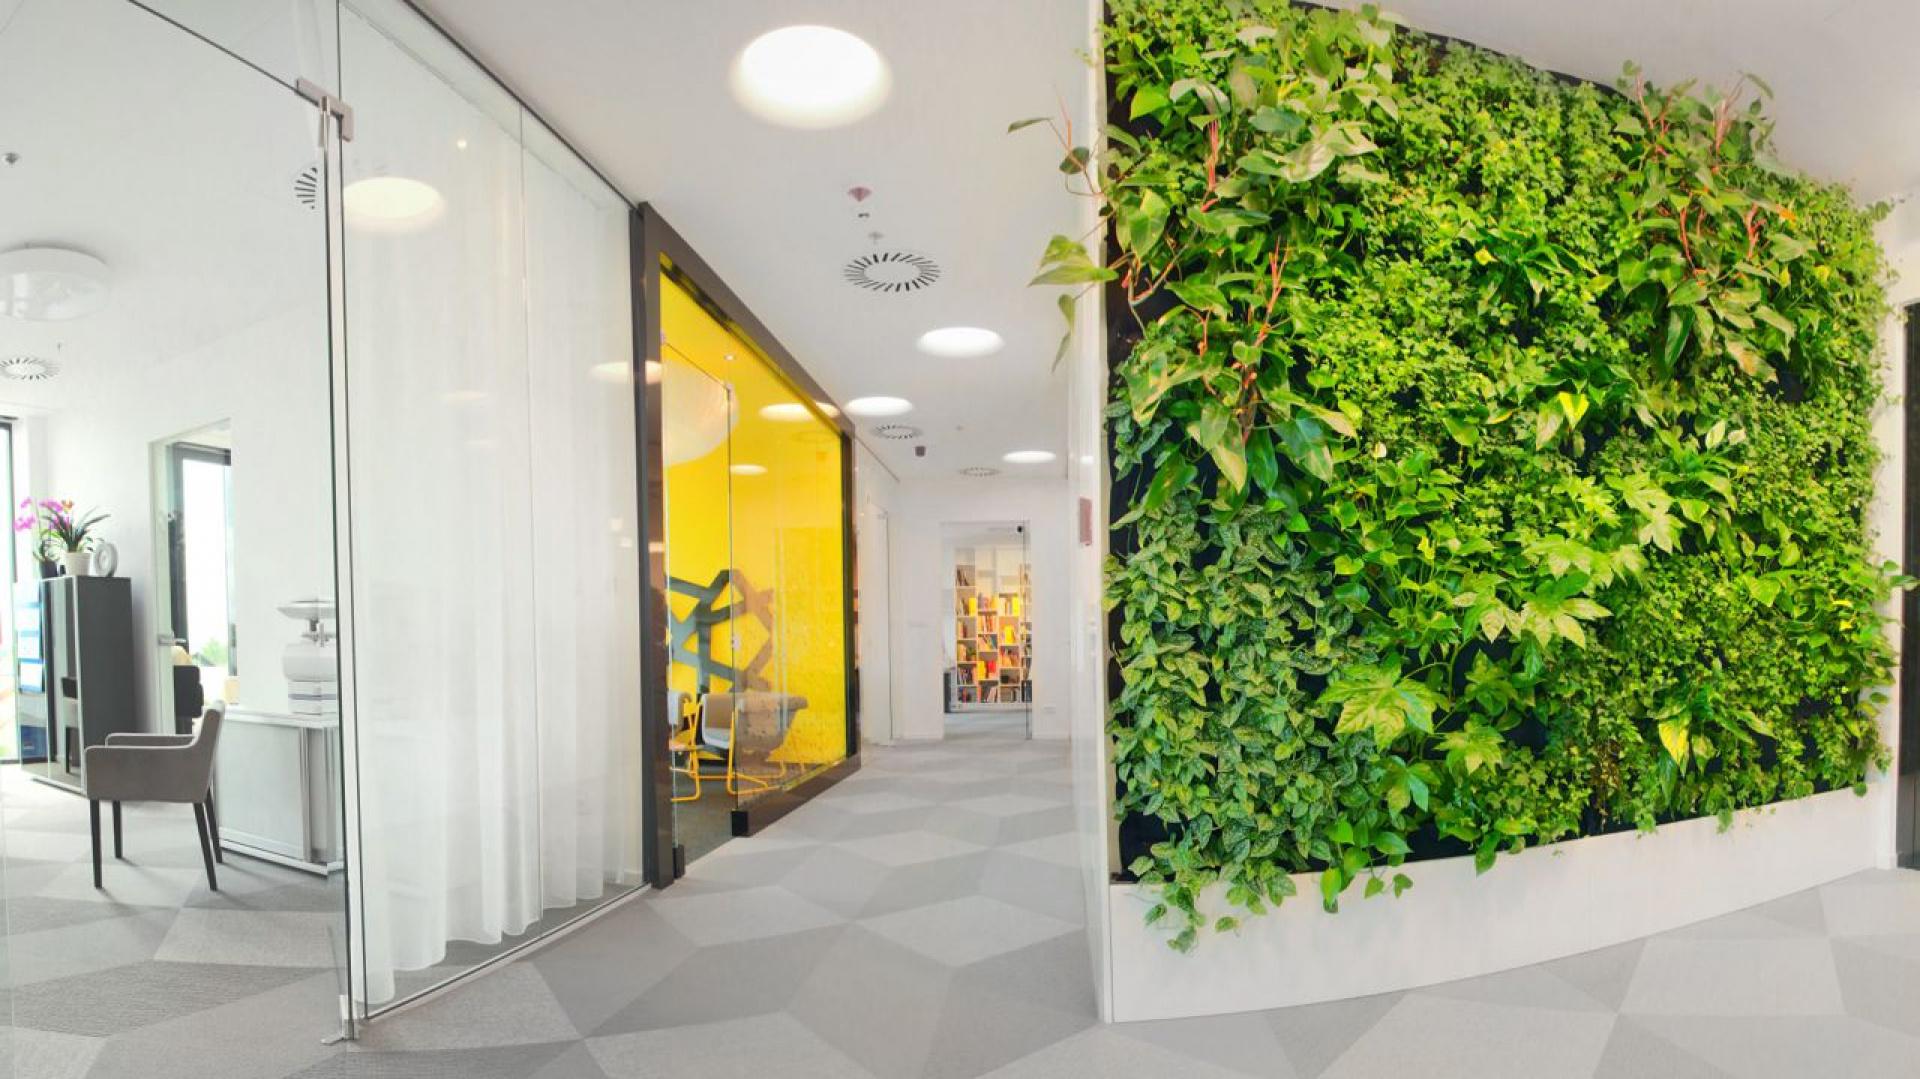 Ciekawostką biura jest ściana zieleni w recepcyjnej części biura. Fot. ARS